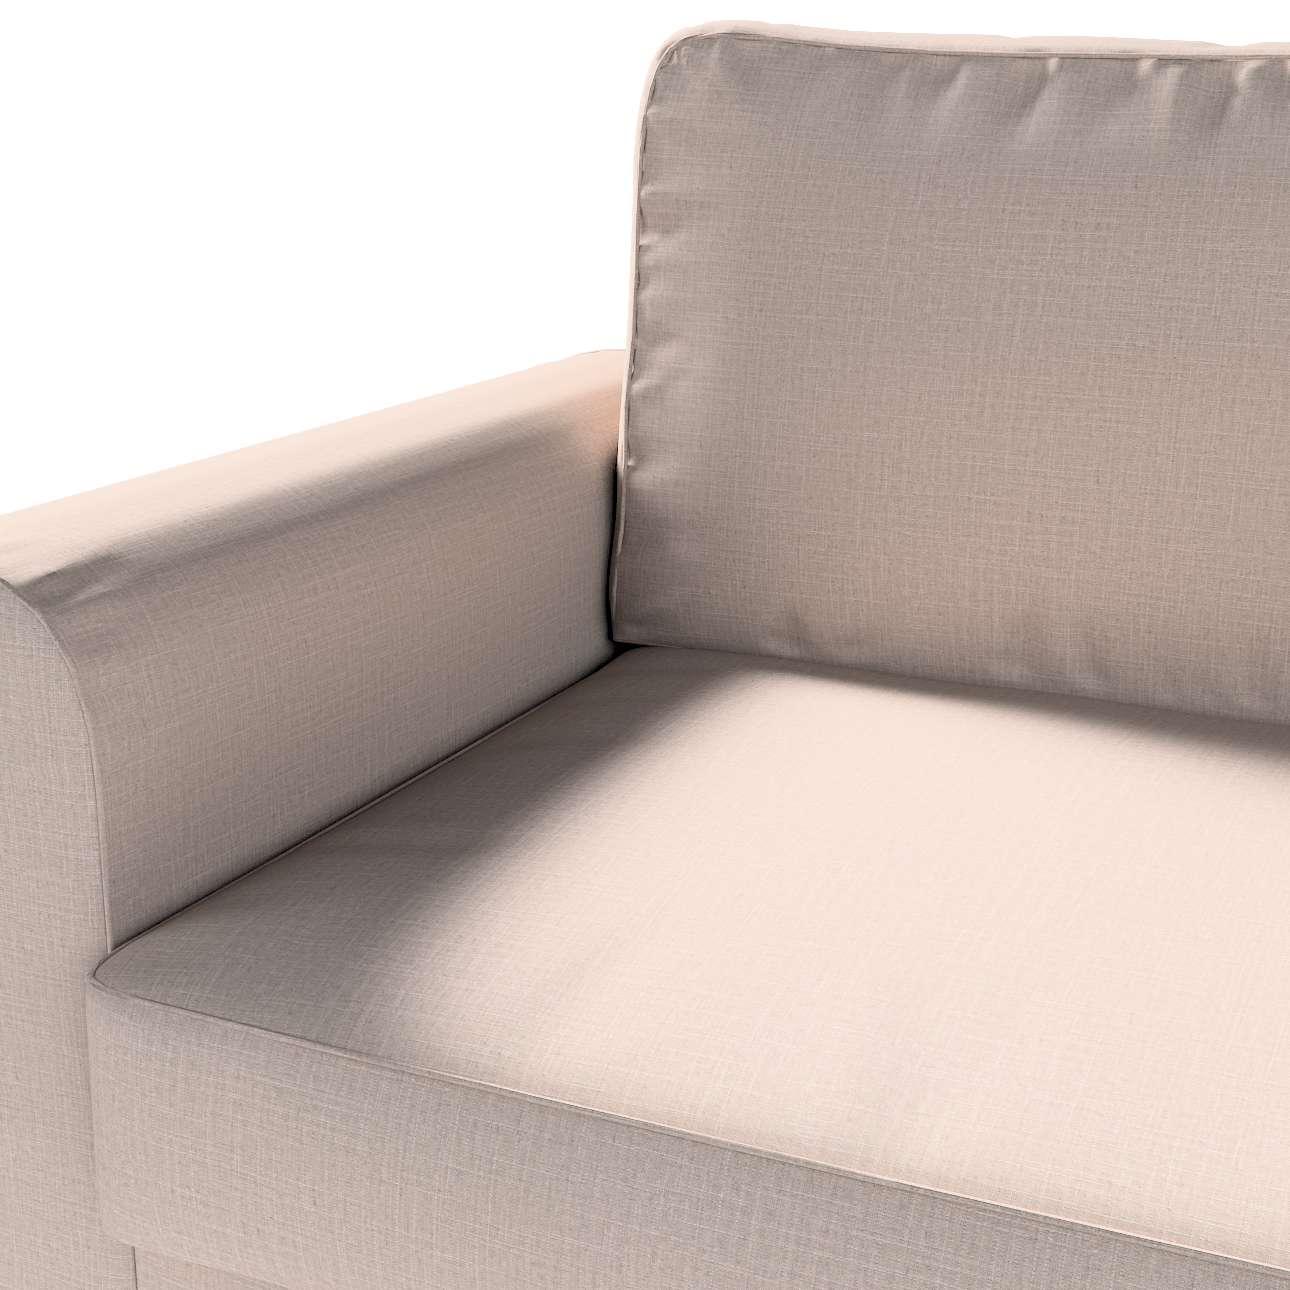 Bezug für Backabro 3-Sitzer Sofa ausklappbar von der Kollektion Living II, Stoff: 160-85